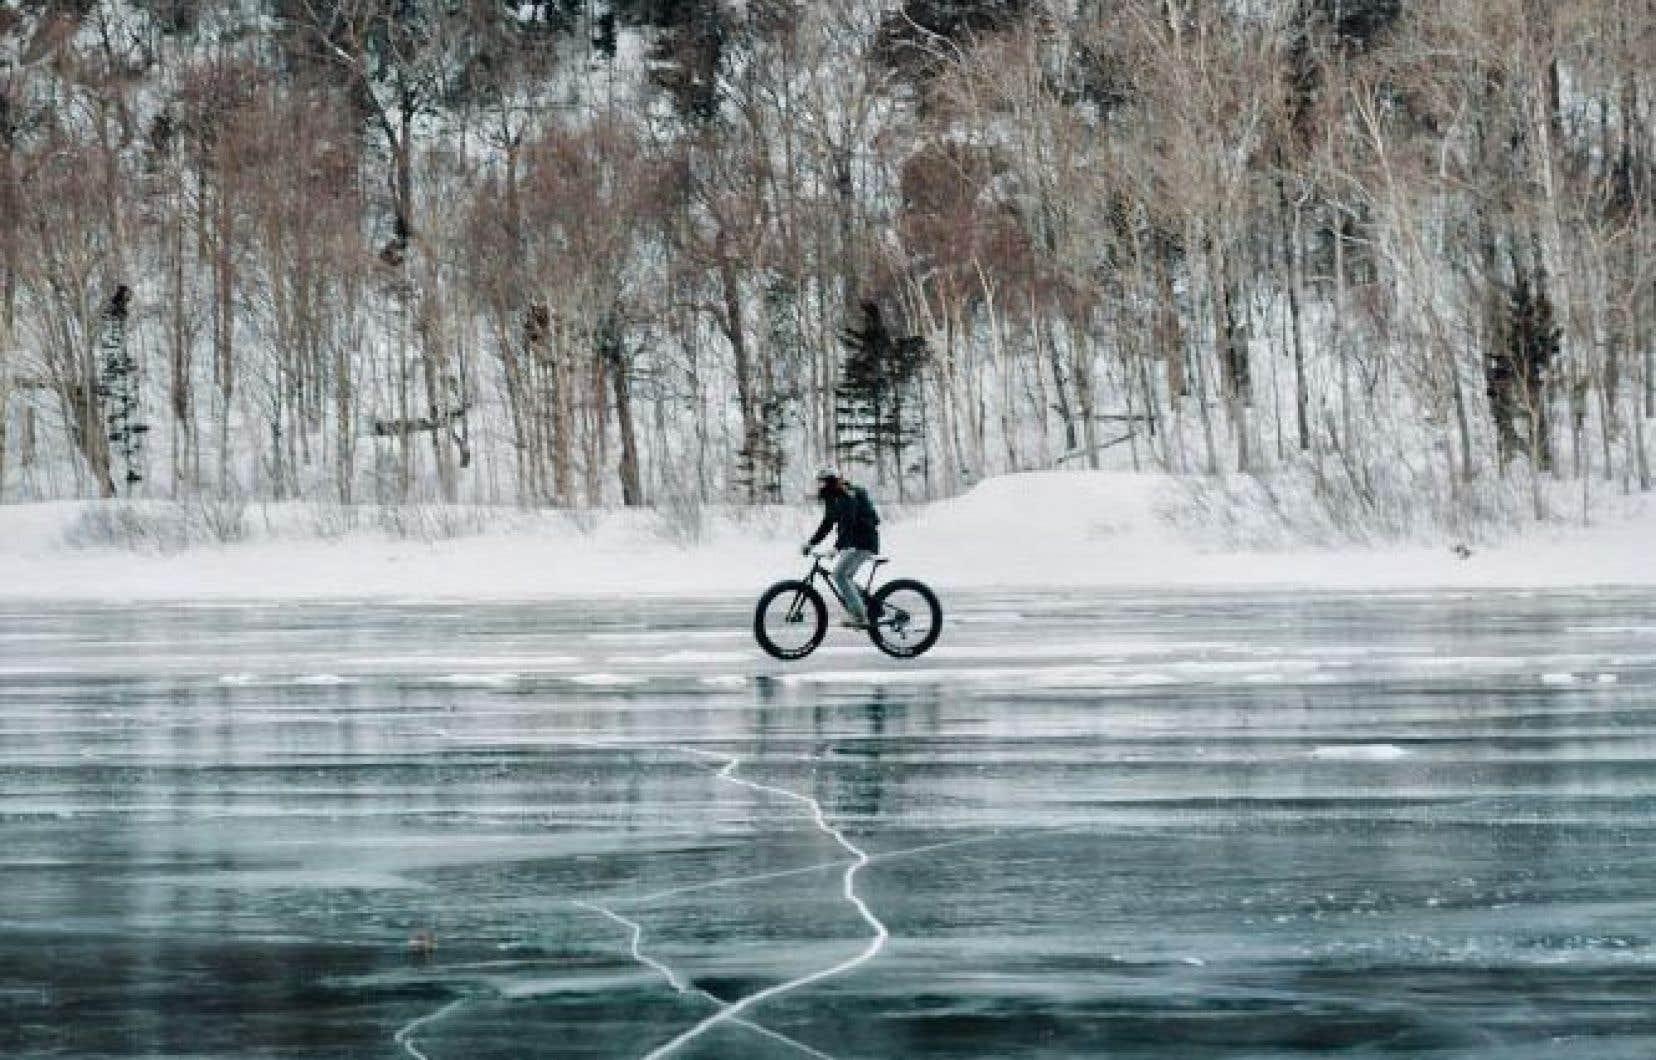 Les fans de vélo de montagne voient dans le VPS une façon de prolonger la saison; les autres, une expérience de plus à tester au plus fort de la saison froide.